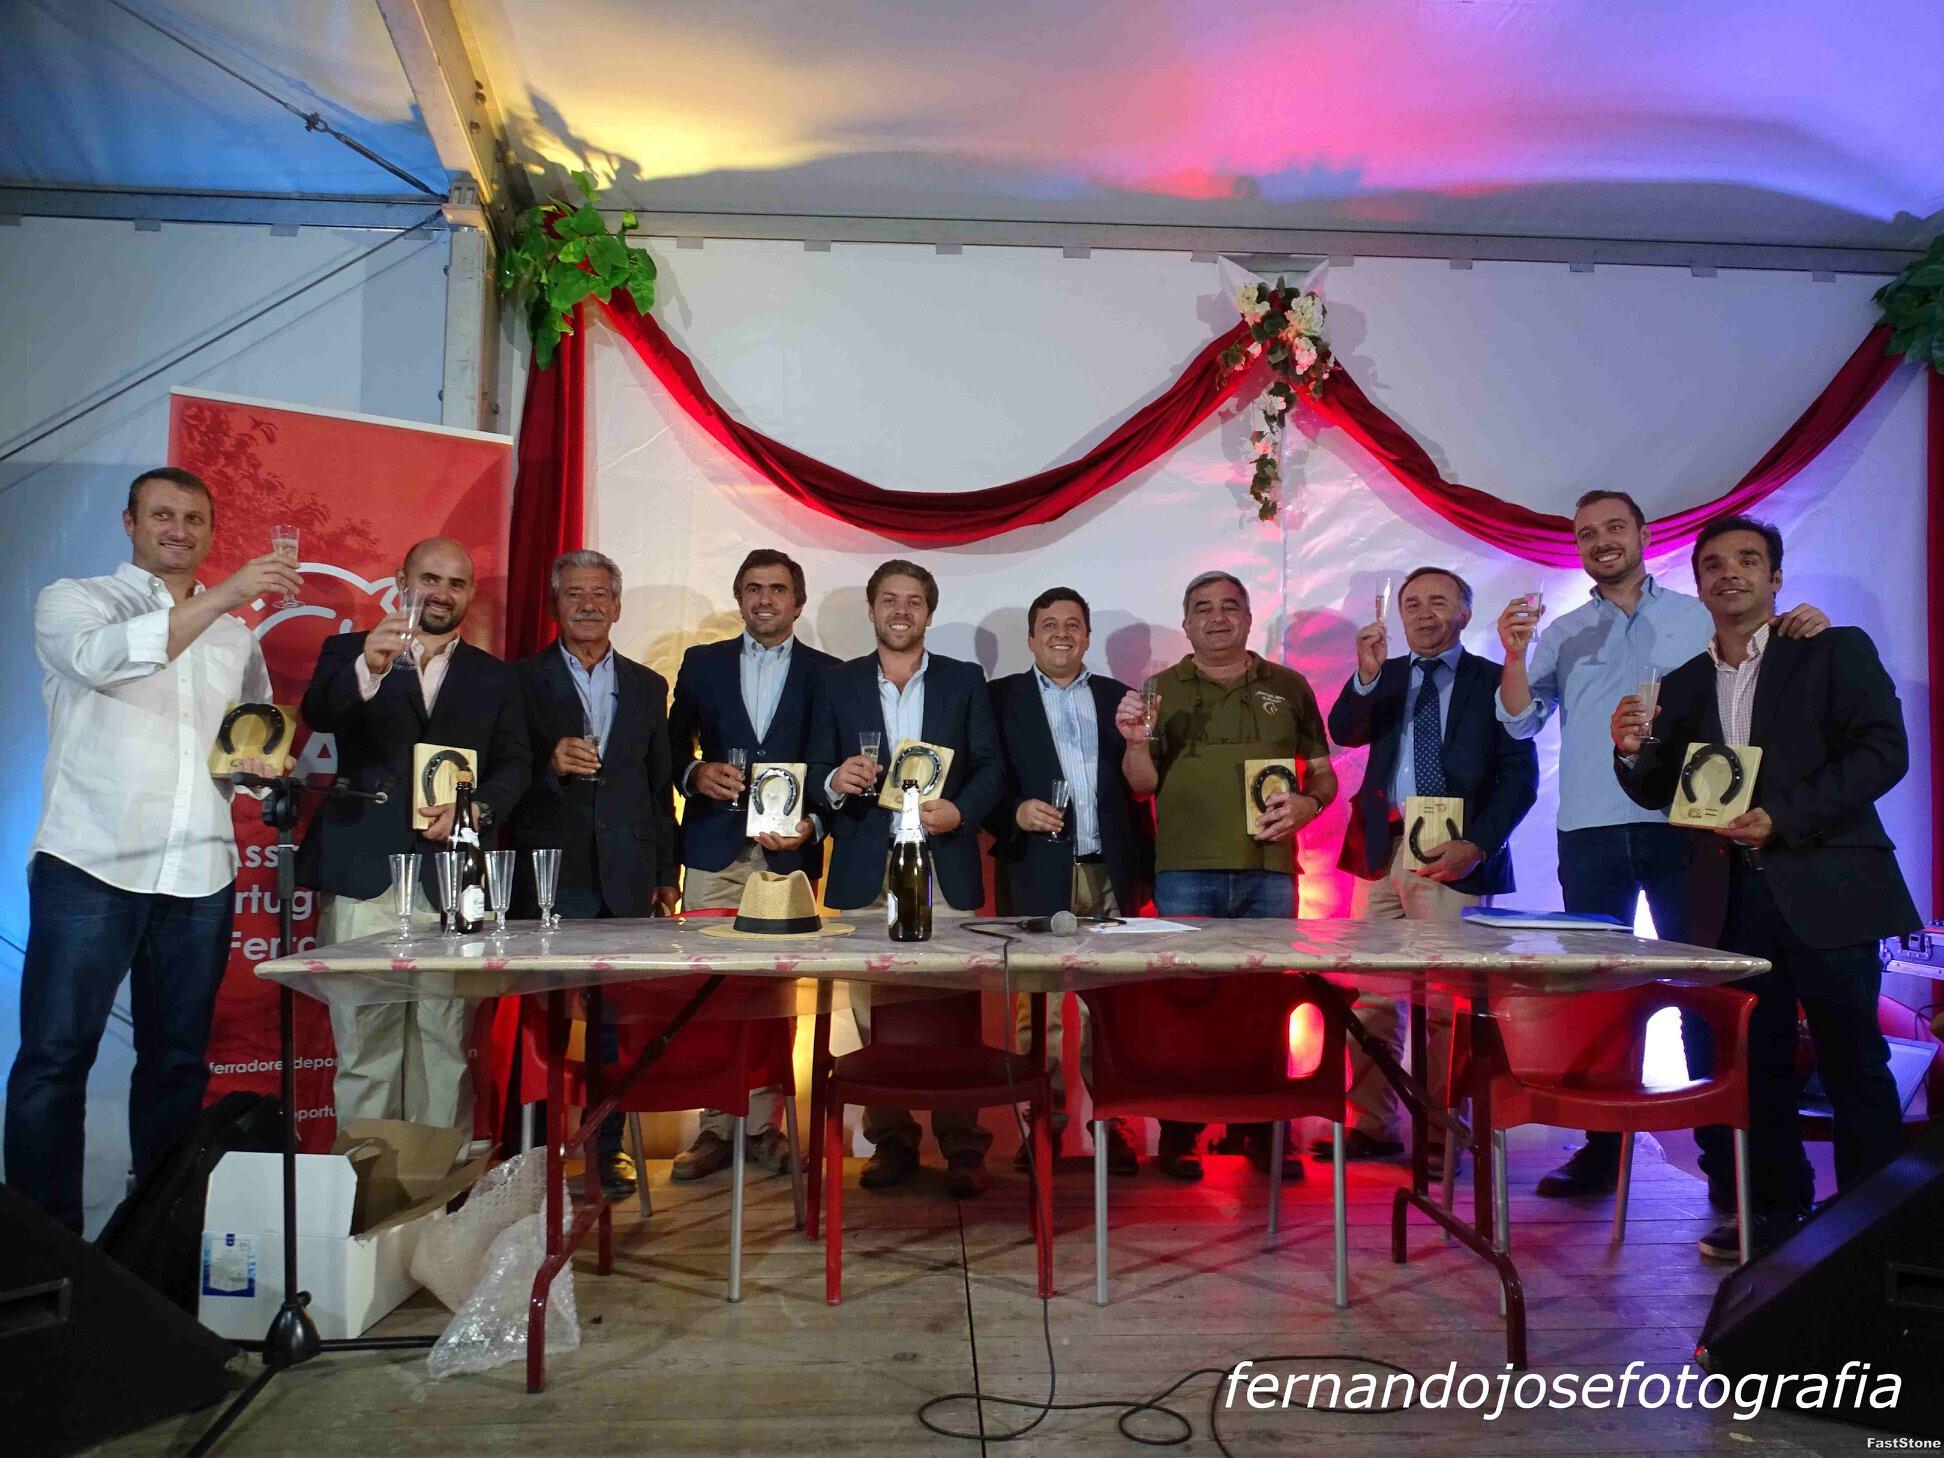 Associação ferradores 01 - foto Fernando Jose